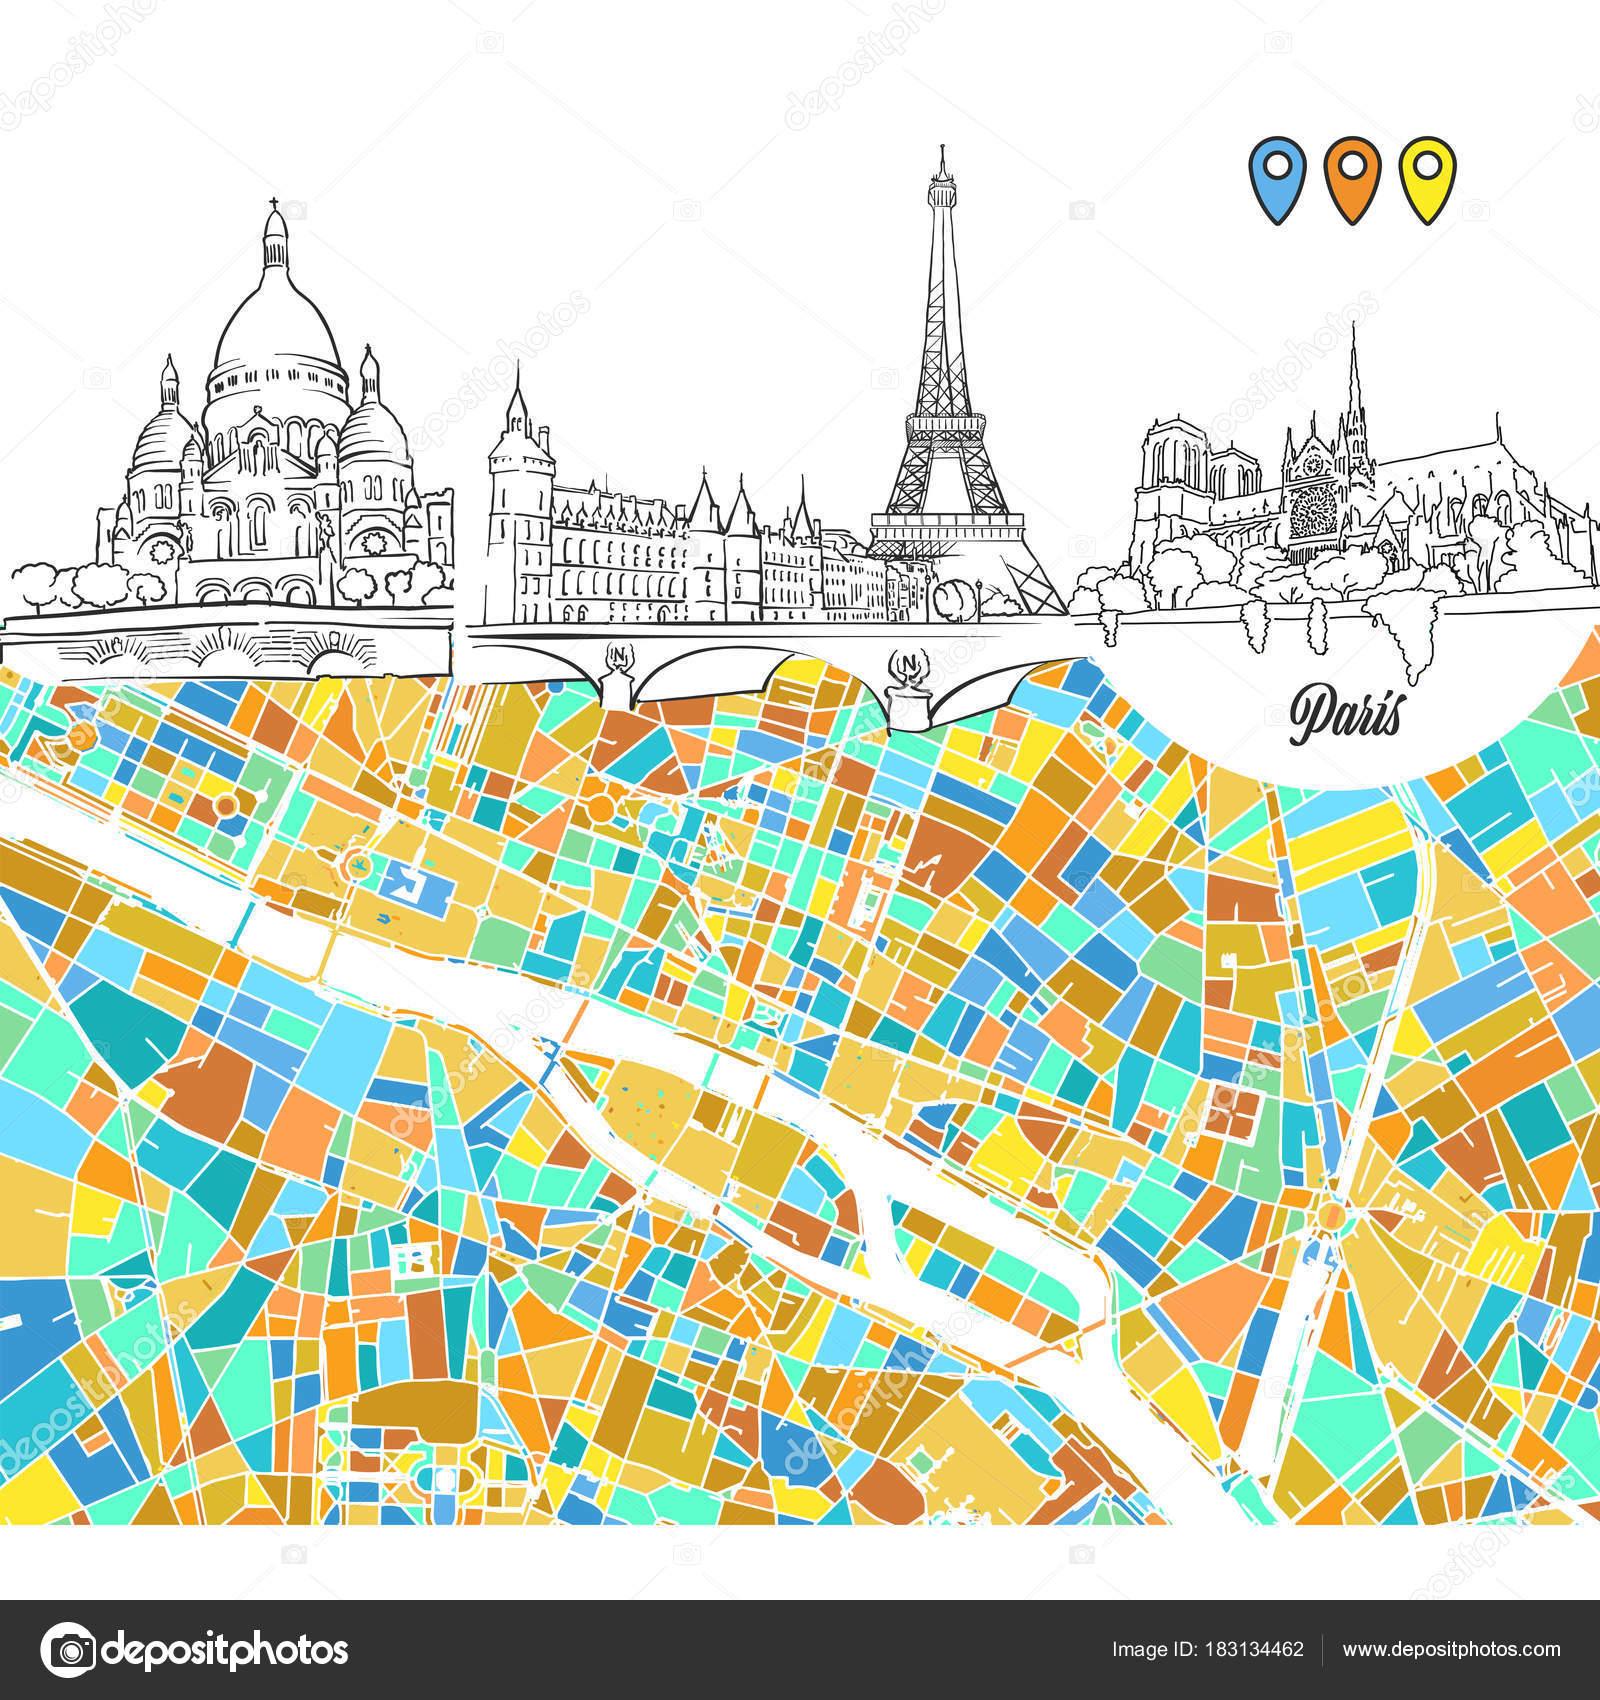 パリ旅行スケッチや地図 ストックベクター Mailhebstreitcom